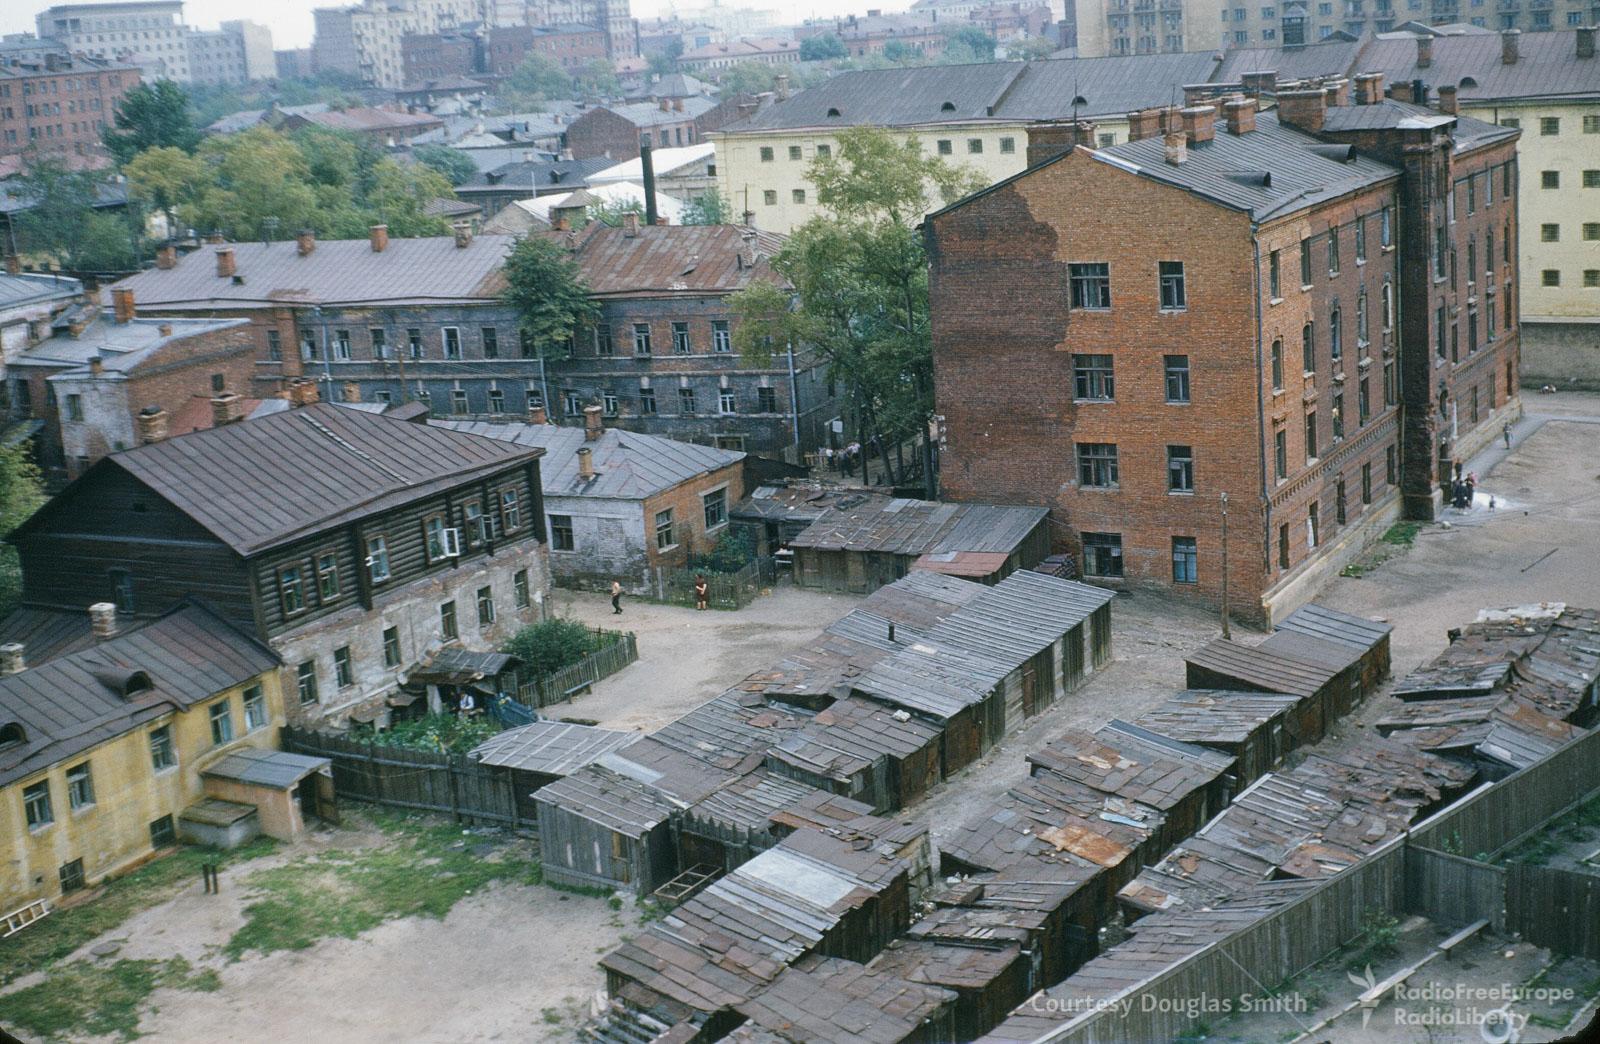 Деревянные дома и крытые жестью ветхие сараи в Таганском районе Москвы.